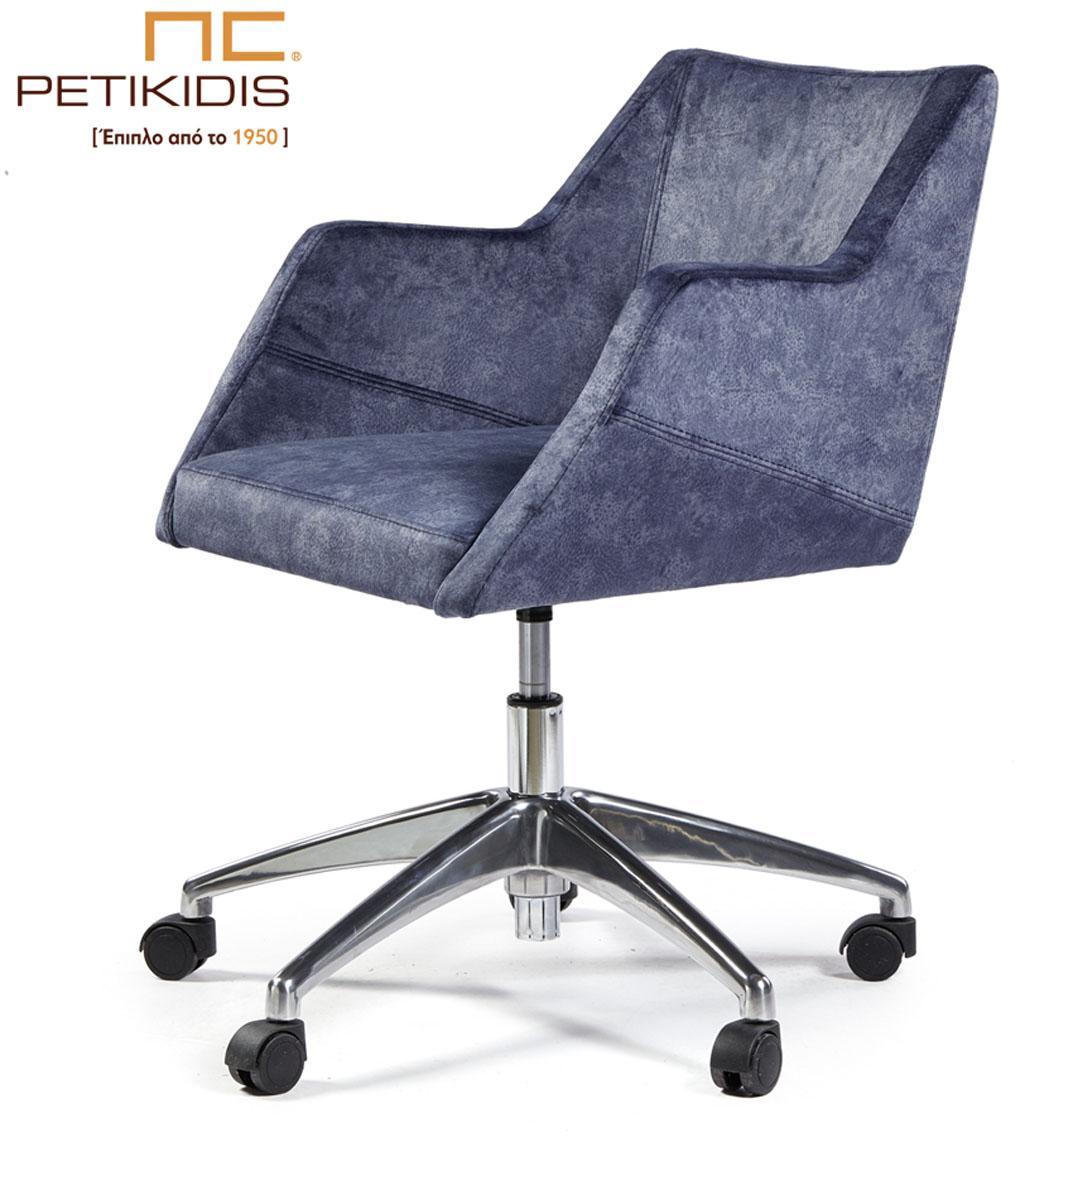 Καρεκλοπολυθρόνα Νο243-25 με μεταλλική βάση και ρόδες και αμορτισέρ για εργασιακό χώρο. Ιδιαίτερη άνεση και σχεδιασμός. Το ύφασμα είναι σε γκρι μπλε τόνους αλέκιαστο και αδιάβροχο.